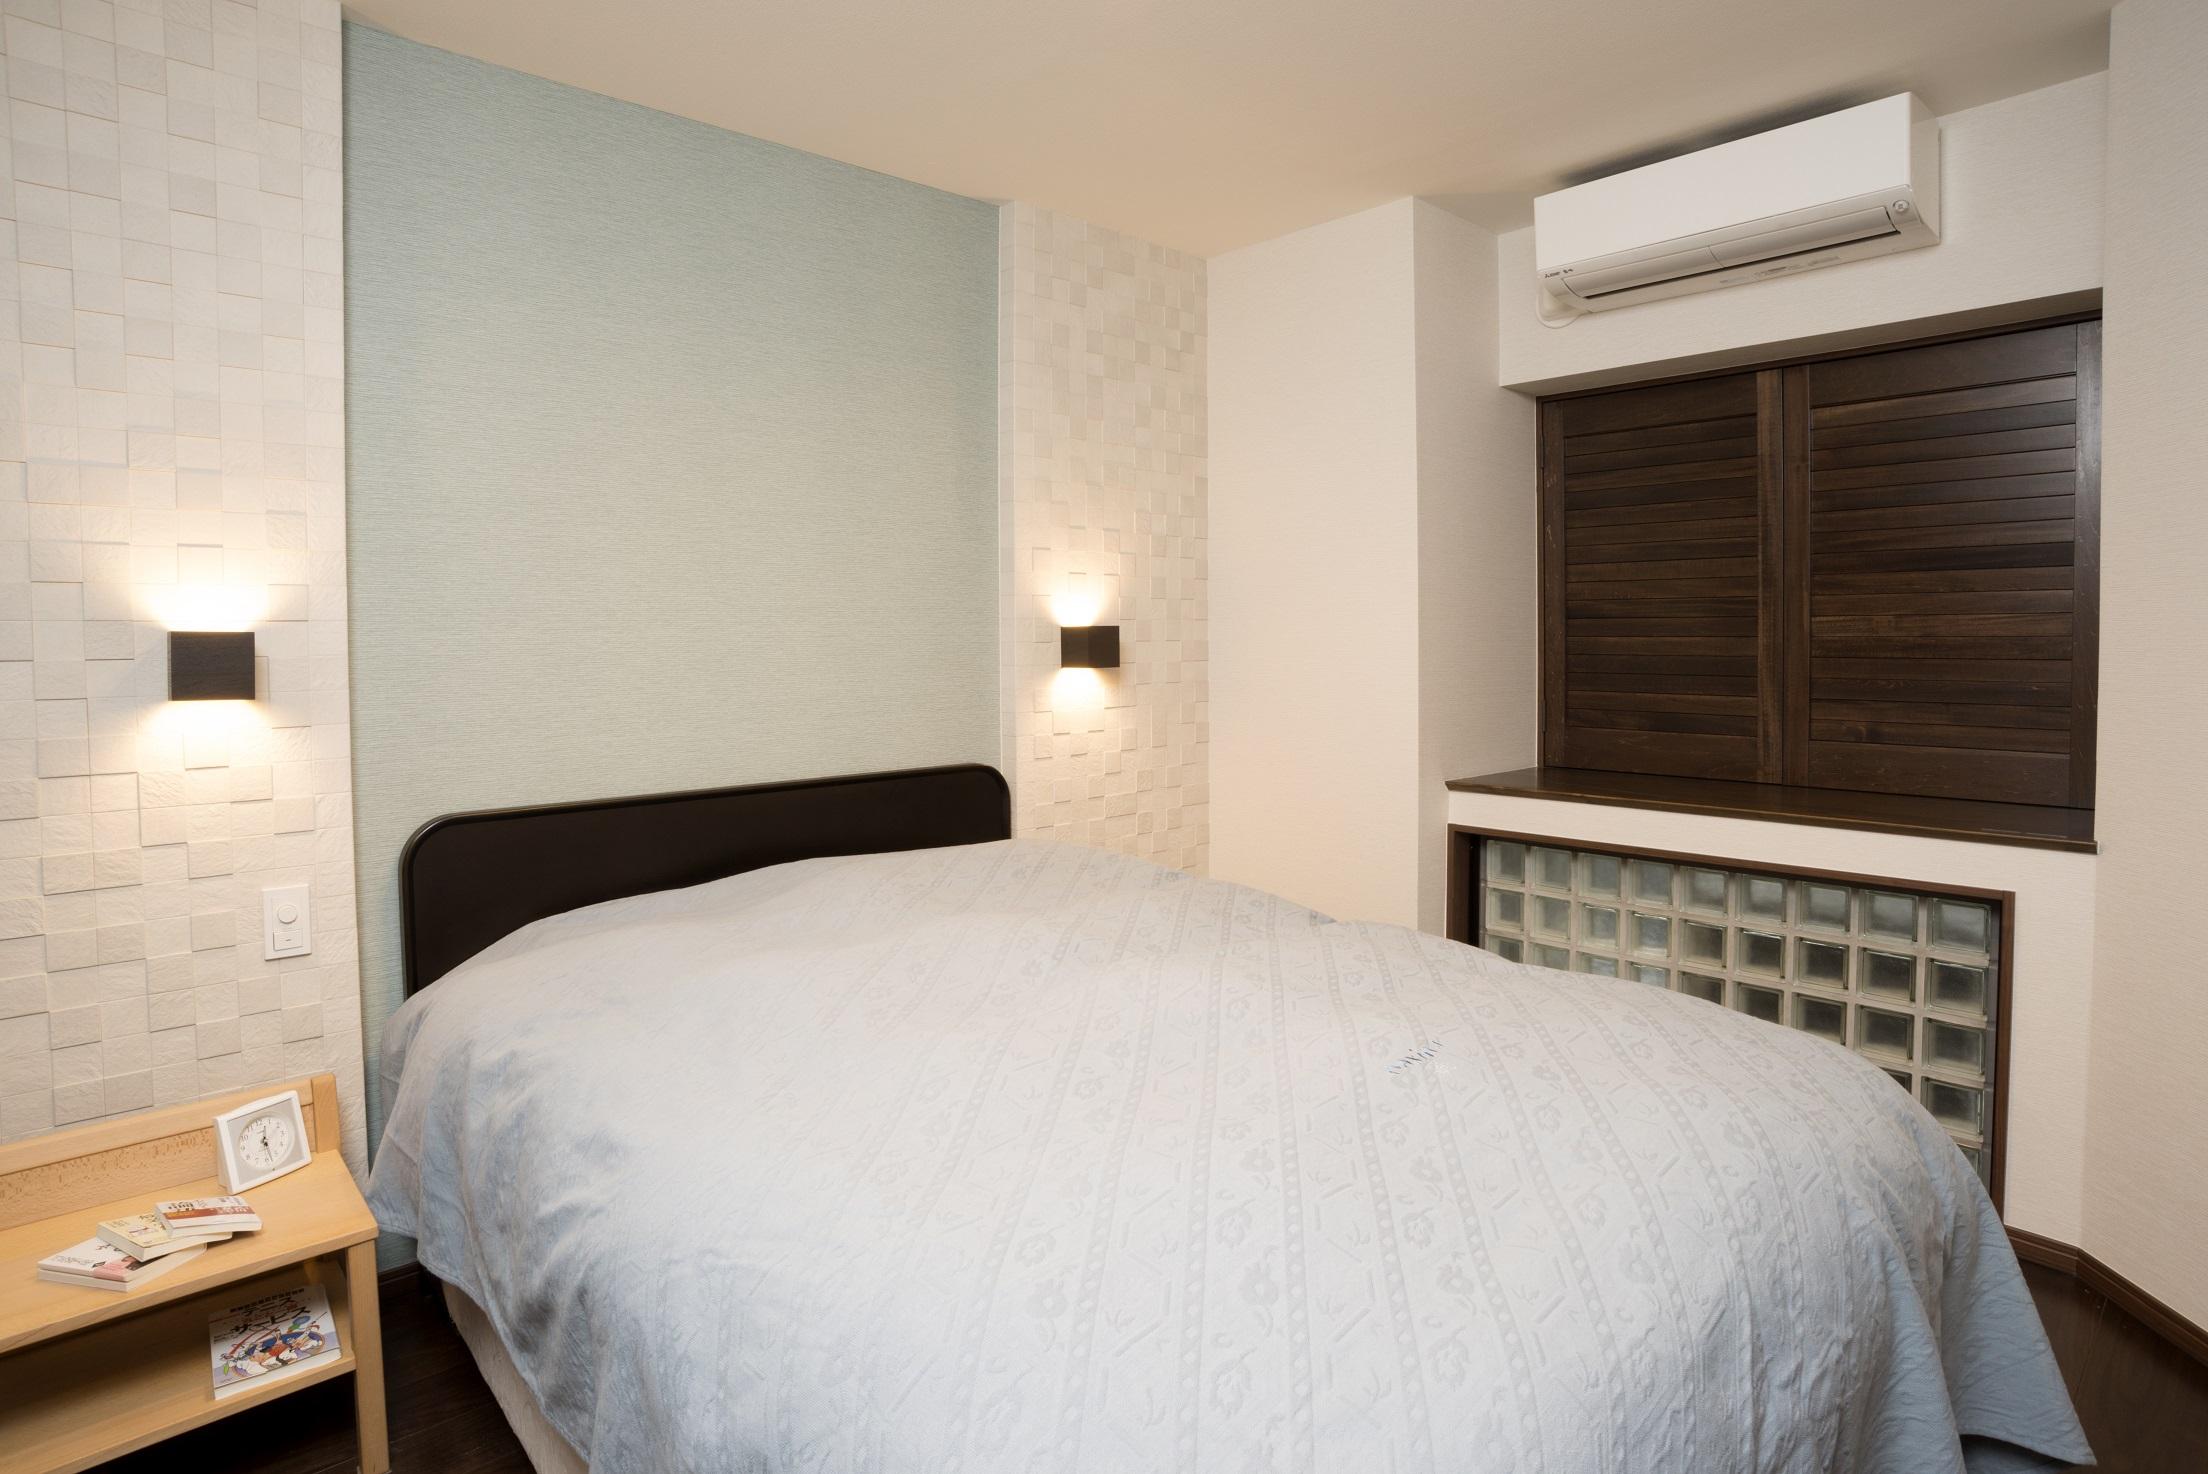 【寝室リフォーム】|間取り変更・内装事例|中古購入× ...